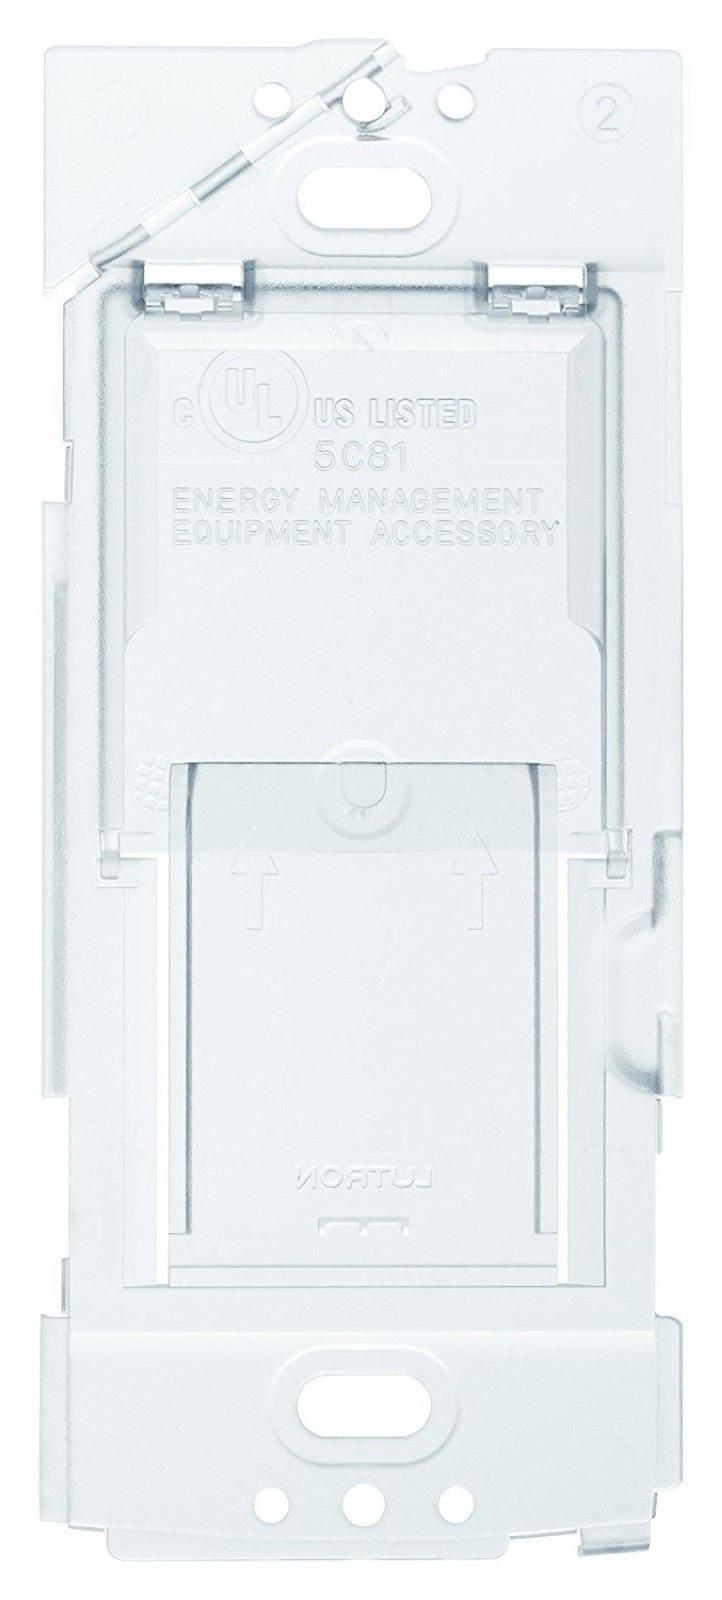 Wallplate Lamp Pico Remote Dimmer Caseta